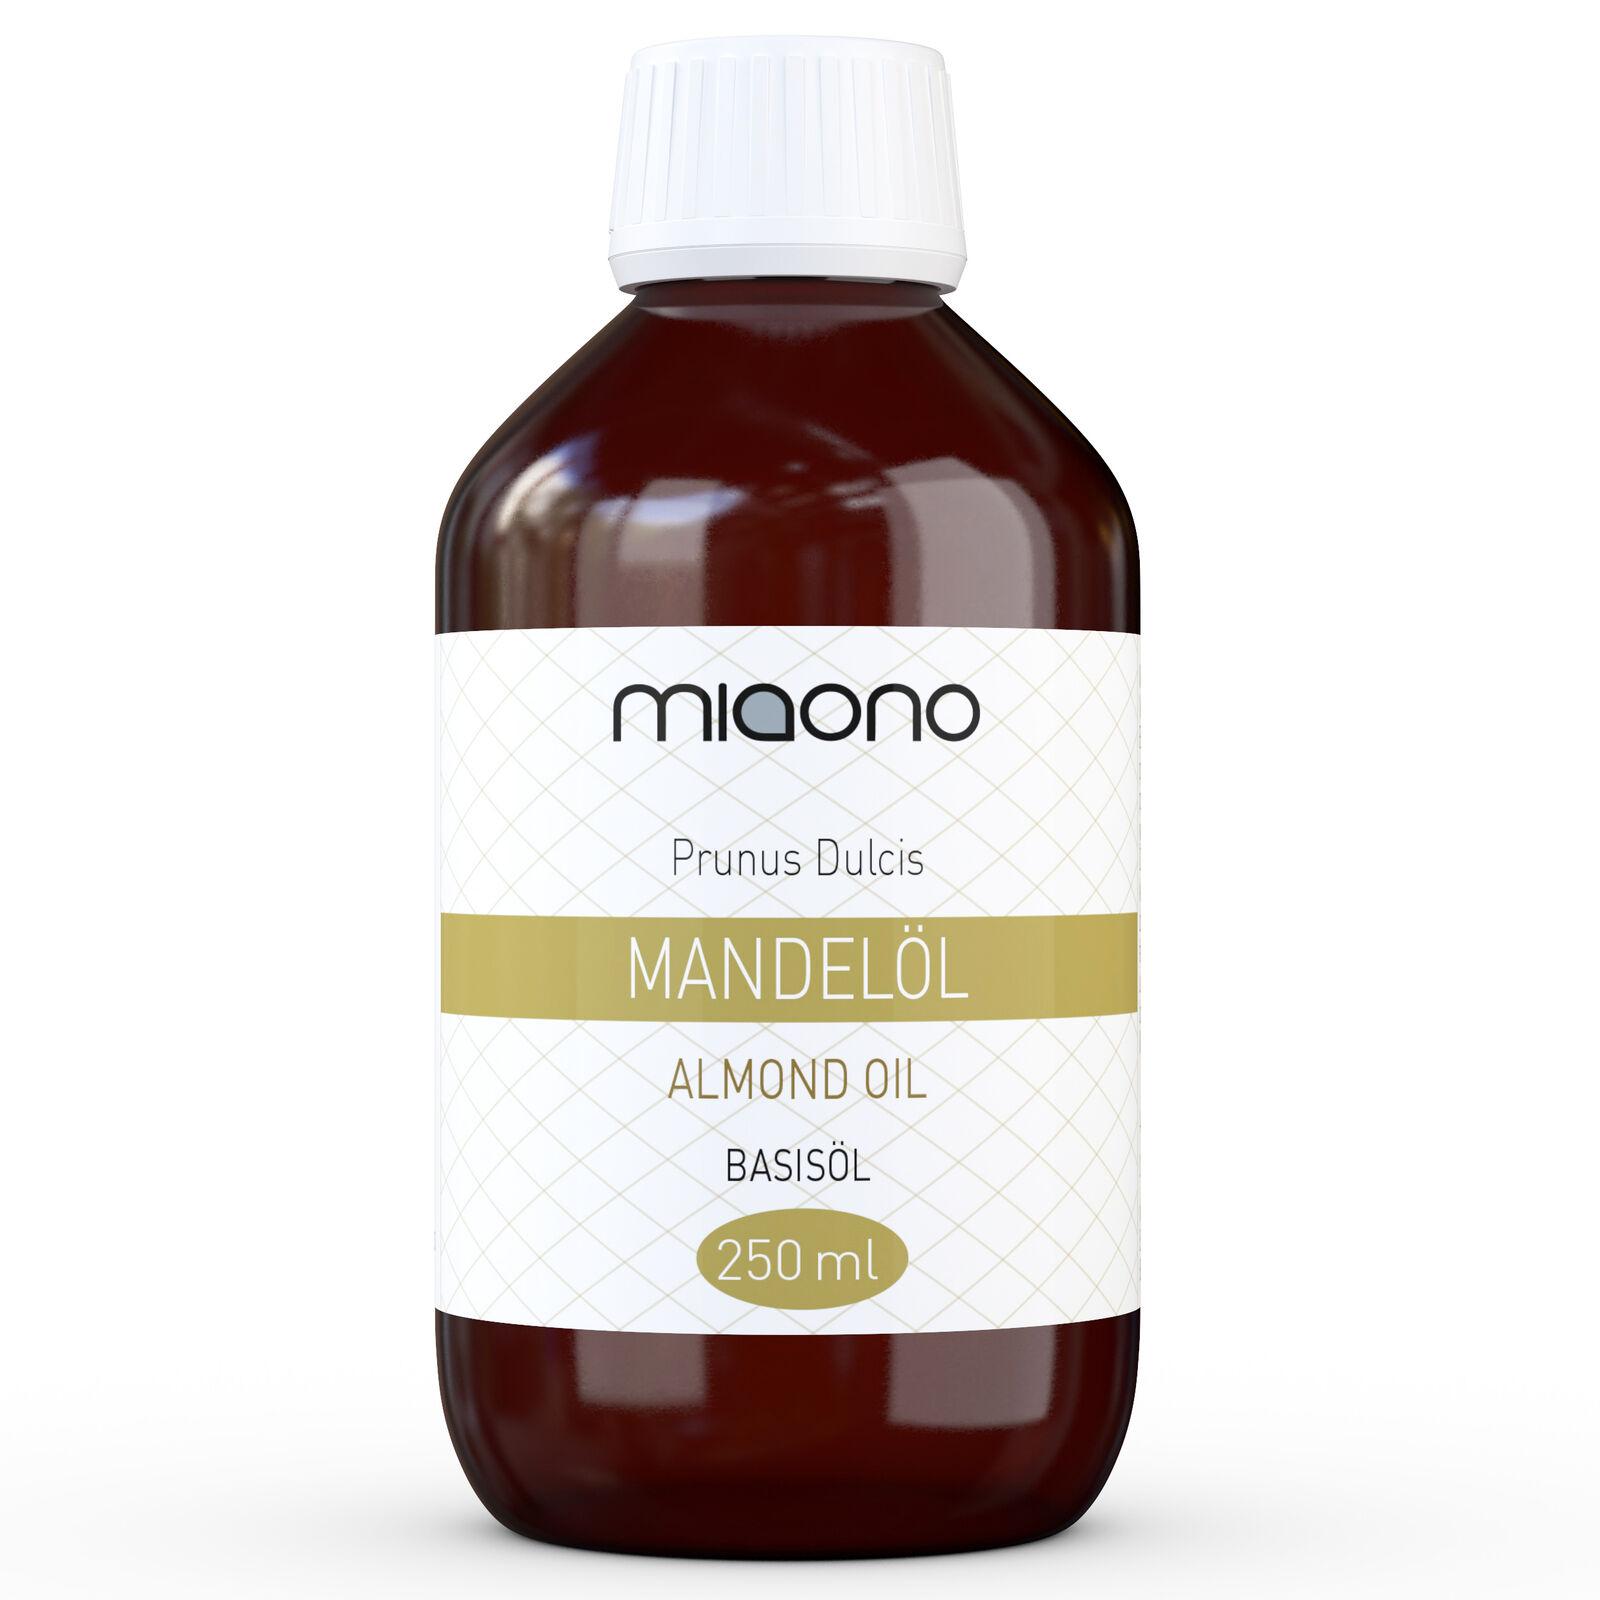 Mandelöl (250ml) - 100% reines Basisöl in einer Glasflasche von miaono